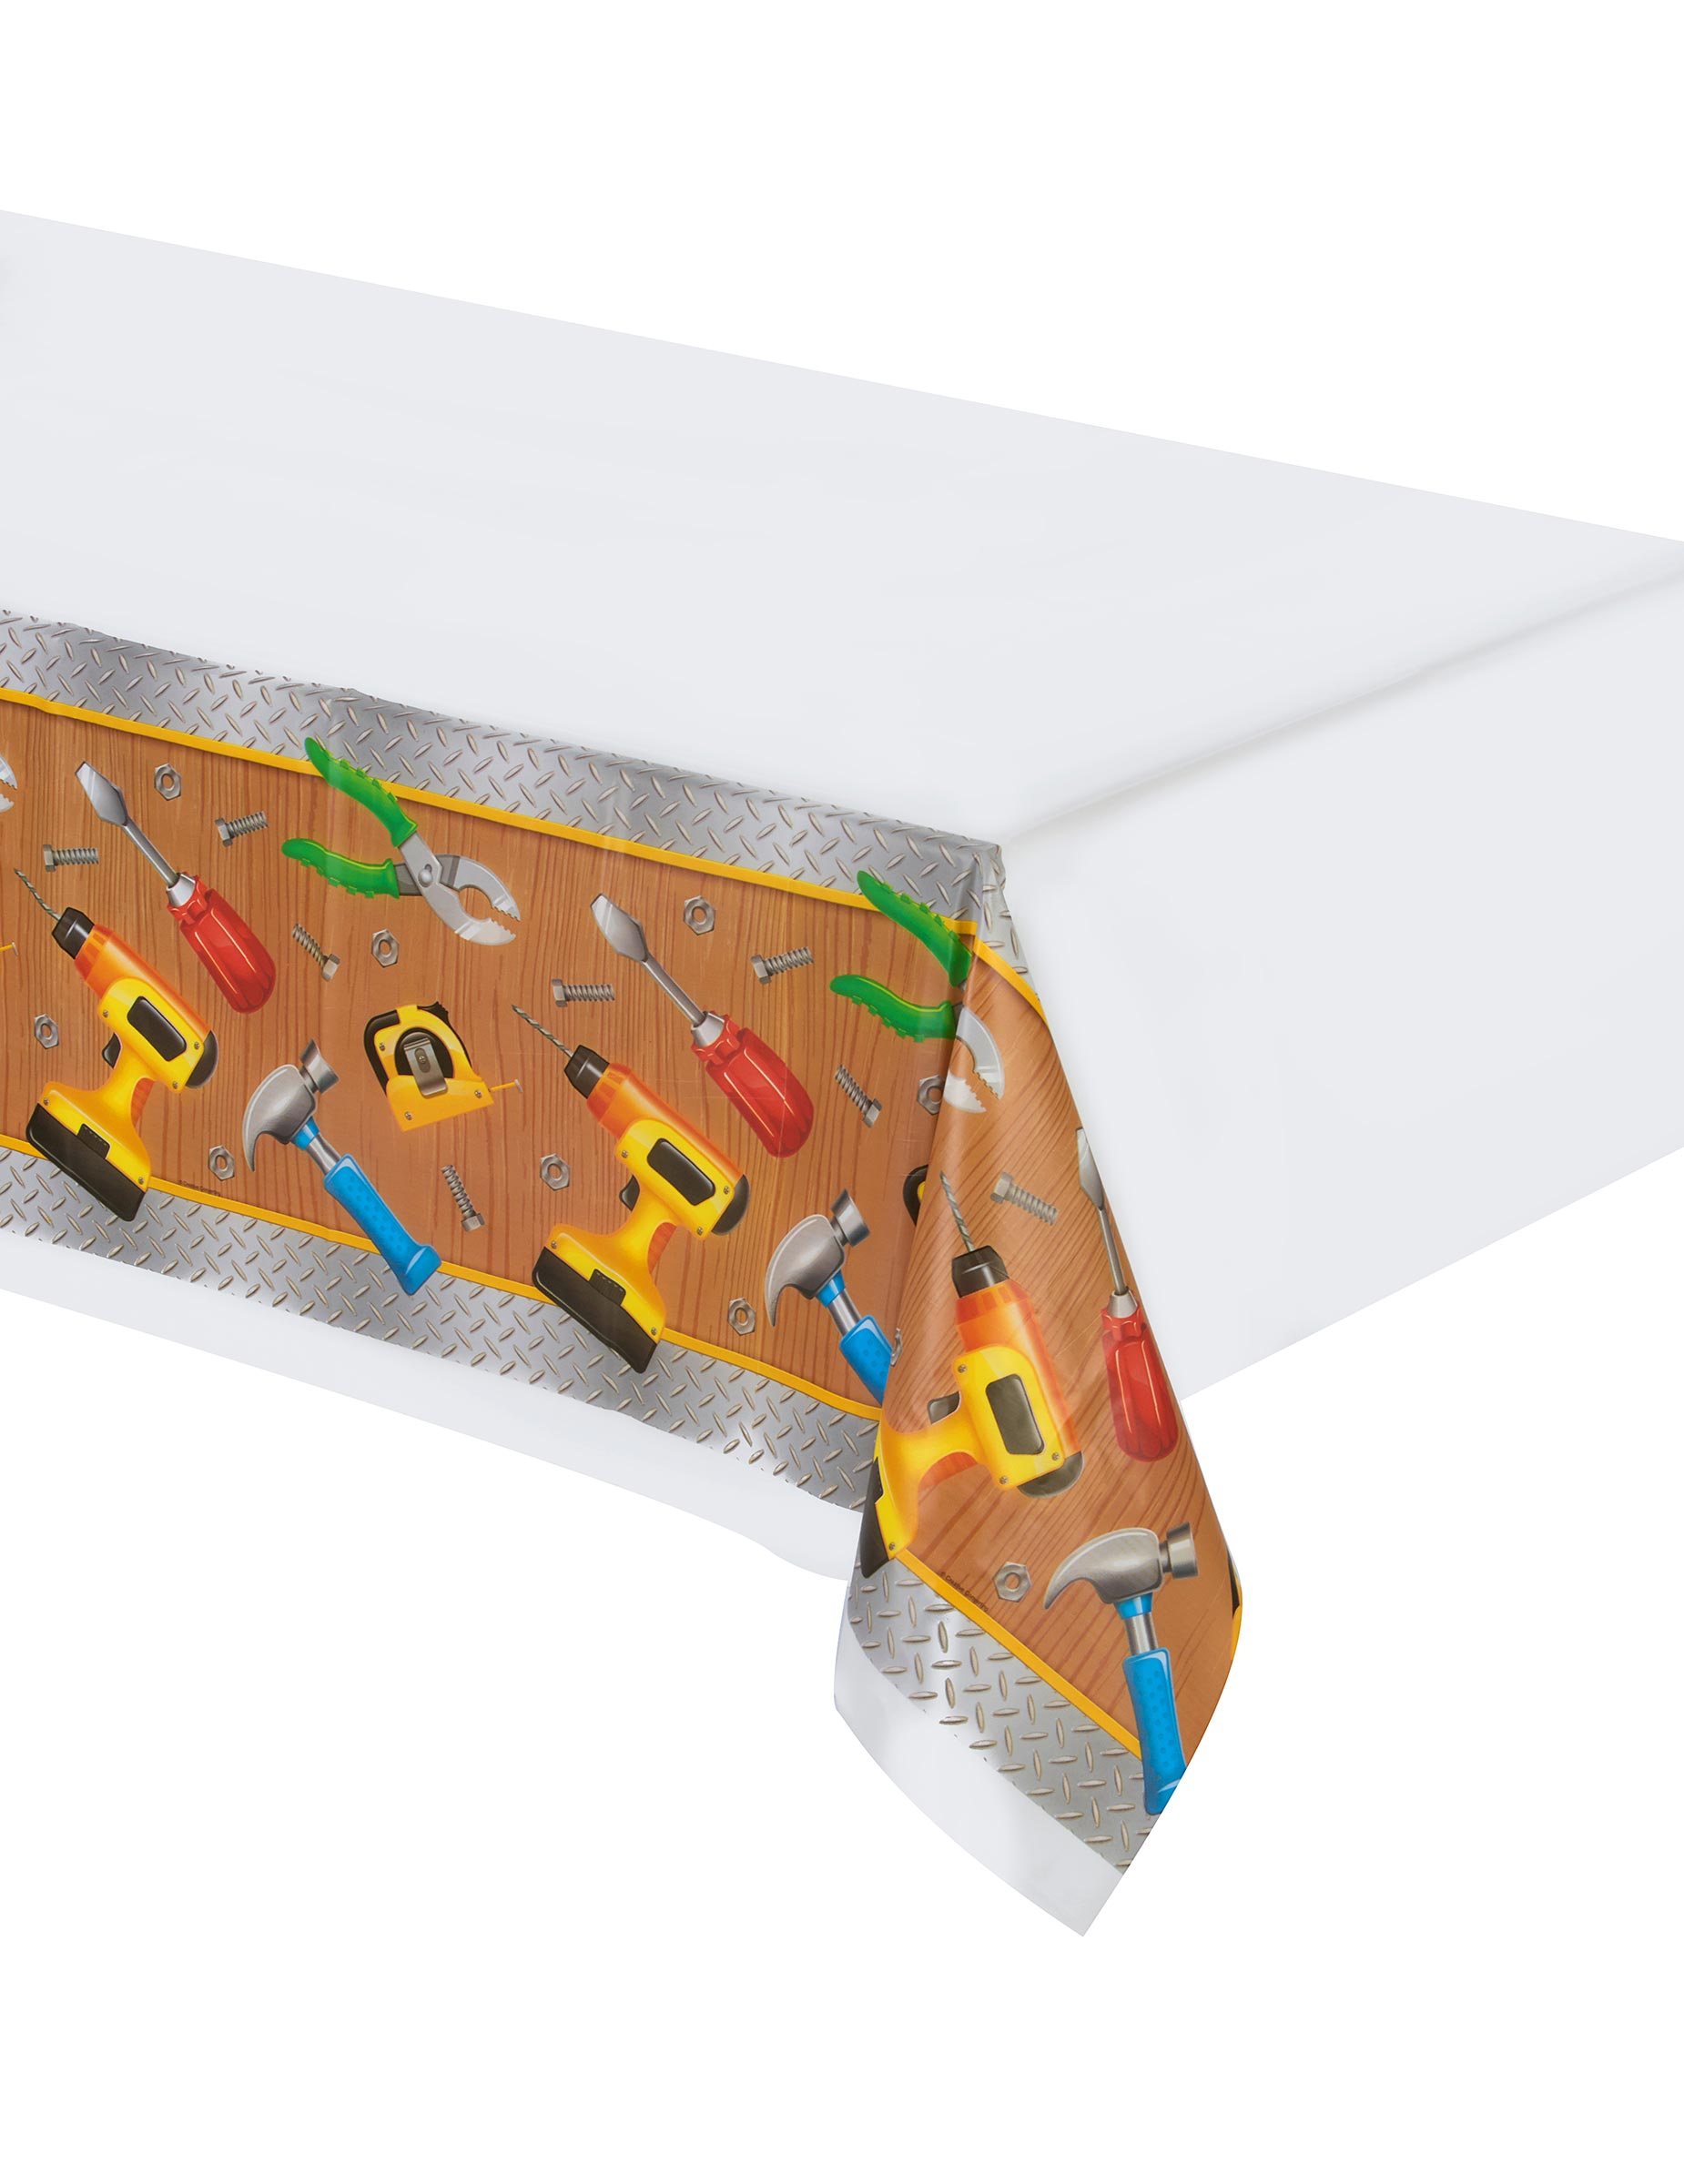 nappe en plastique bricoleur 137 x 259 cm d coration anniversaire et f tes th me sur vegaoo party. Black Bedroom Furniture Sets. Home Design Ideas